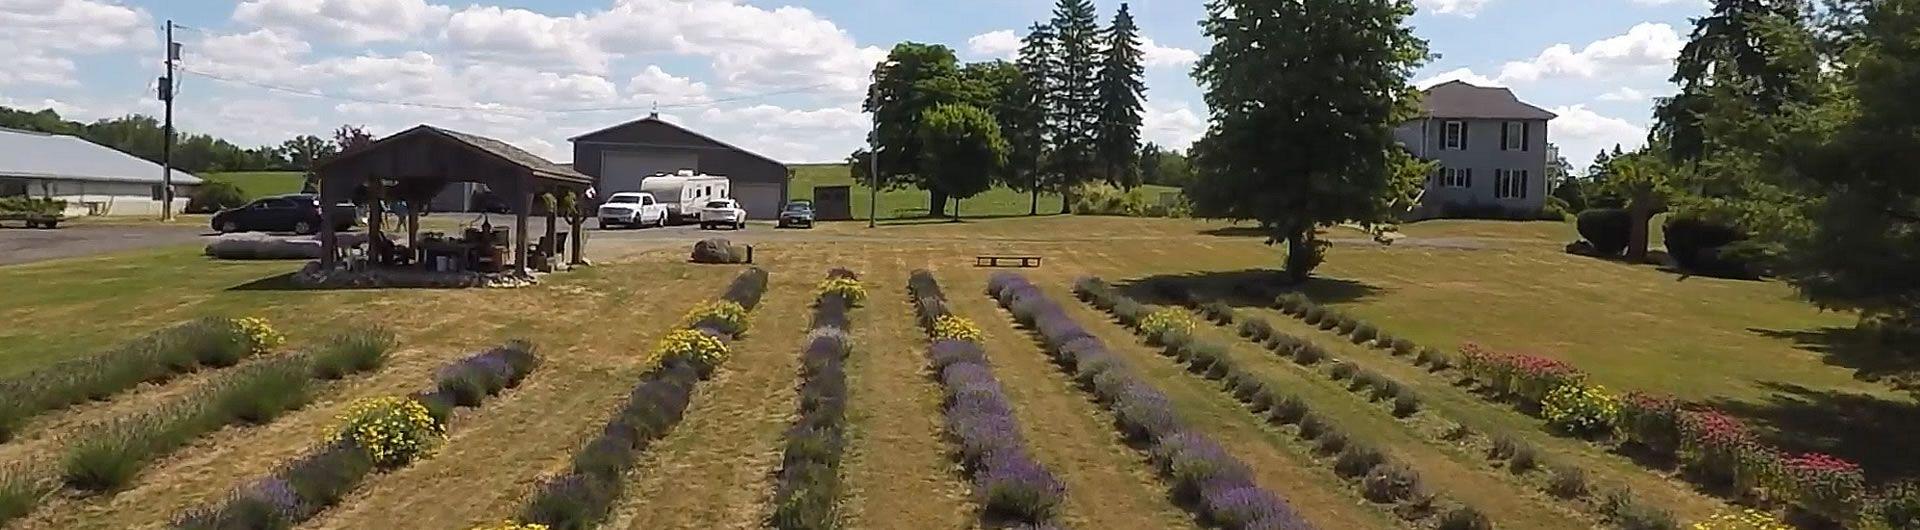 Farm House view